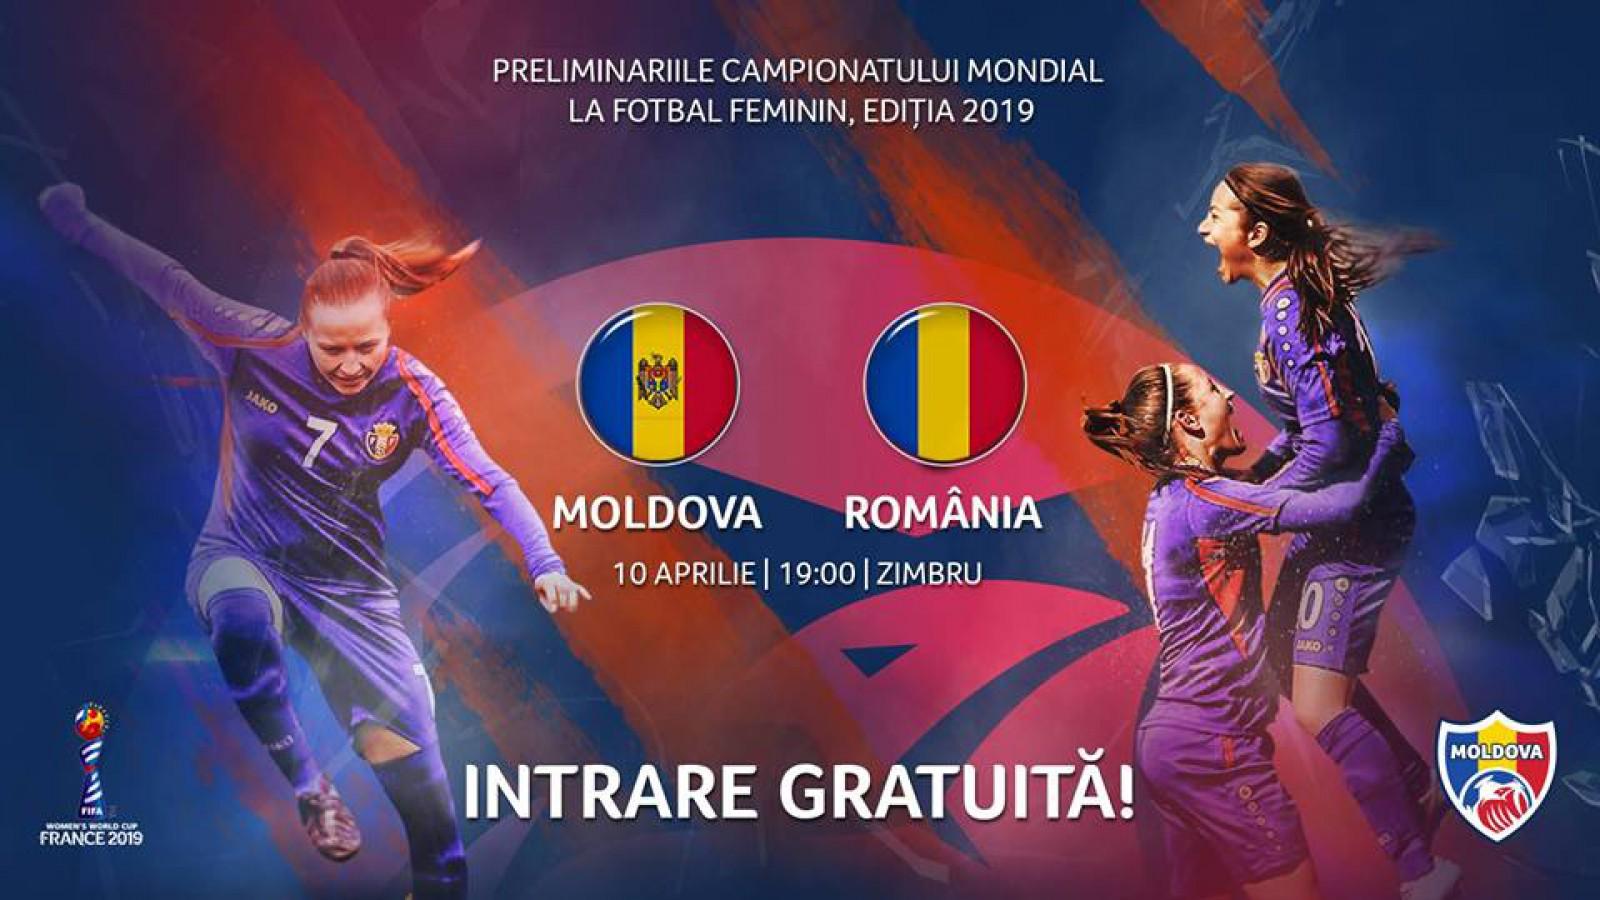 Hai Moldova! Susține echipa de fotbal feminin în meciul Moldova-România de pe 10 aprilie